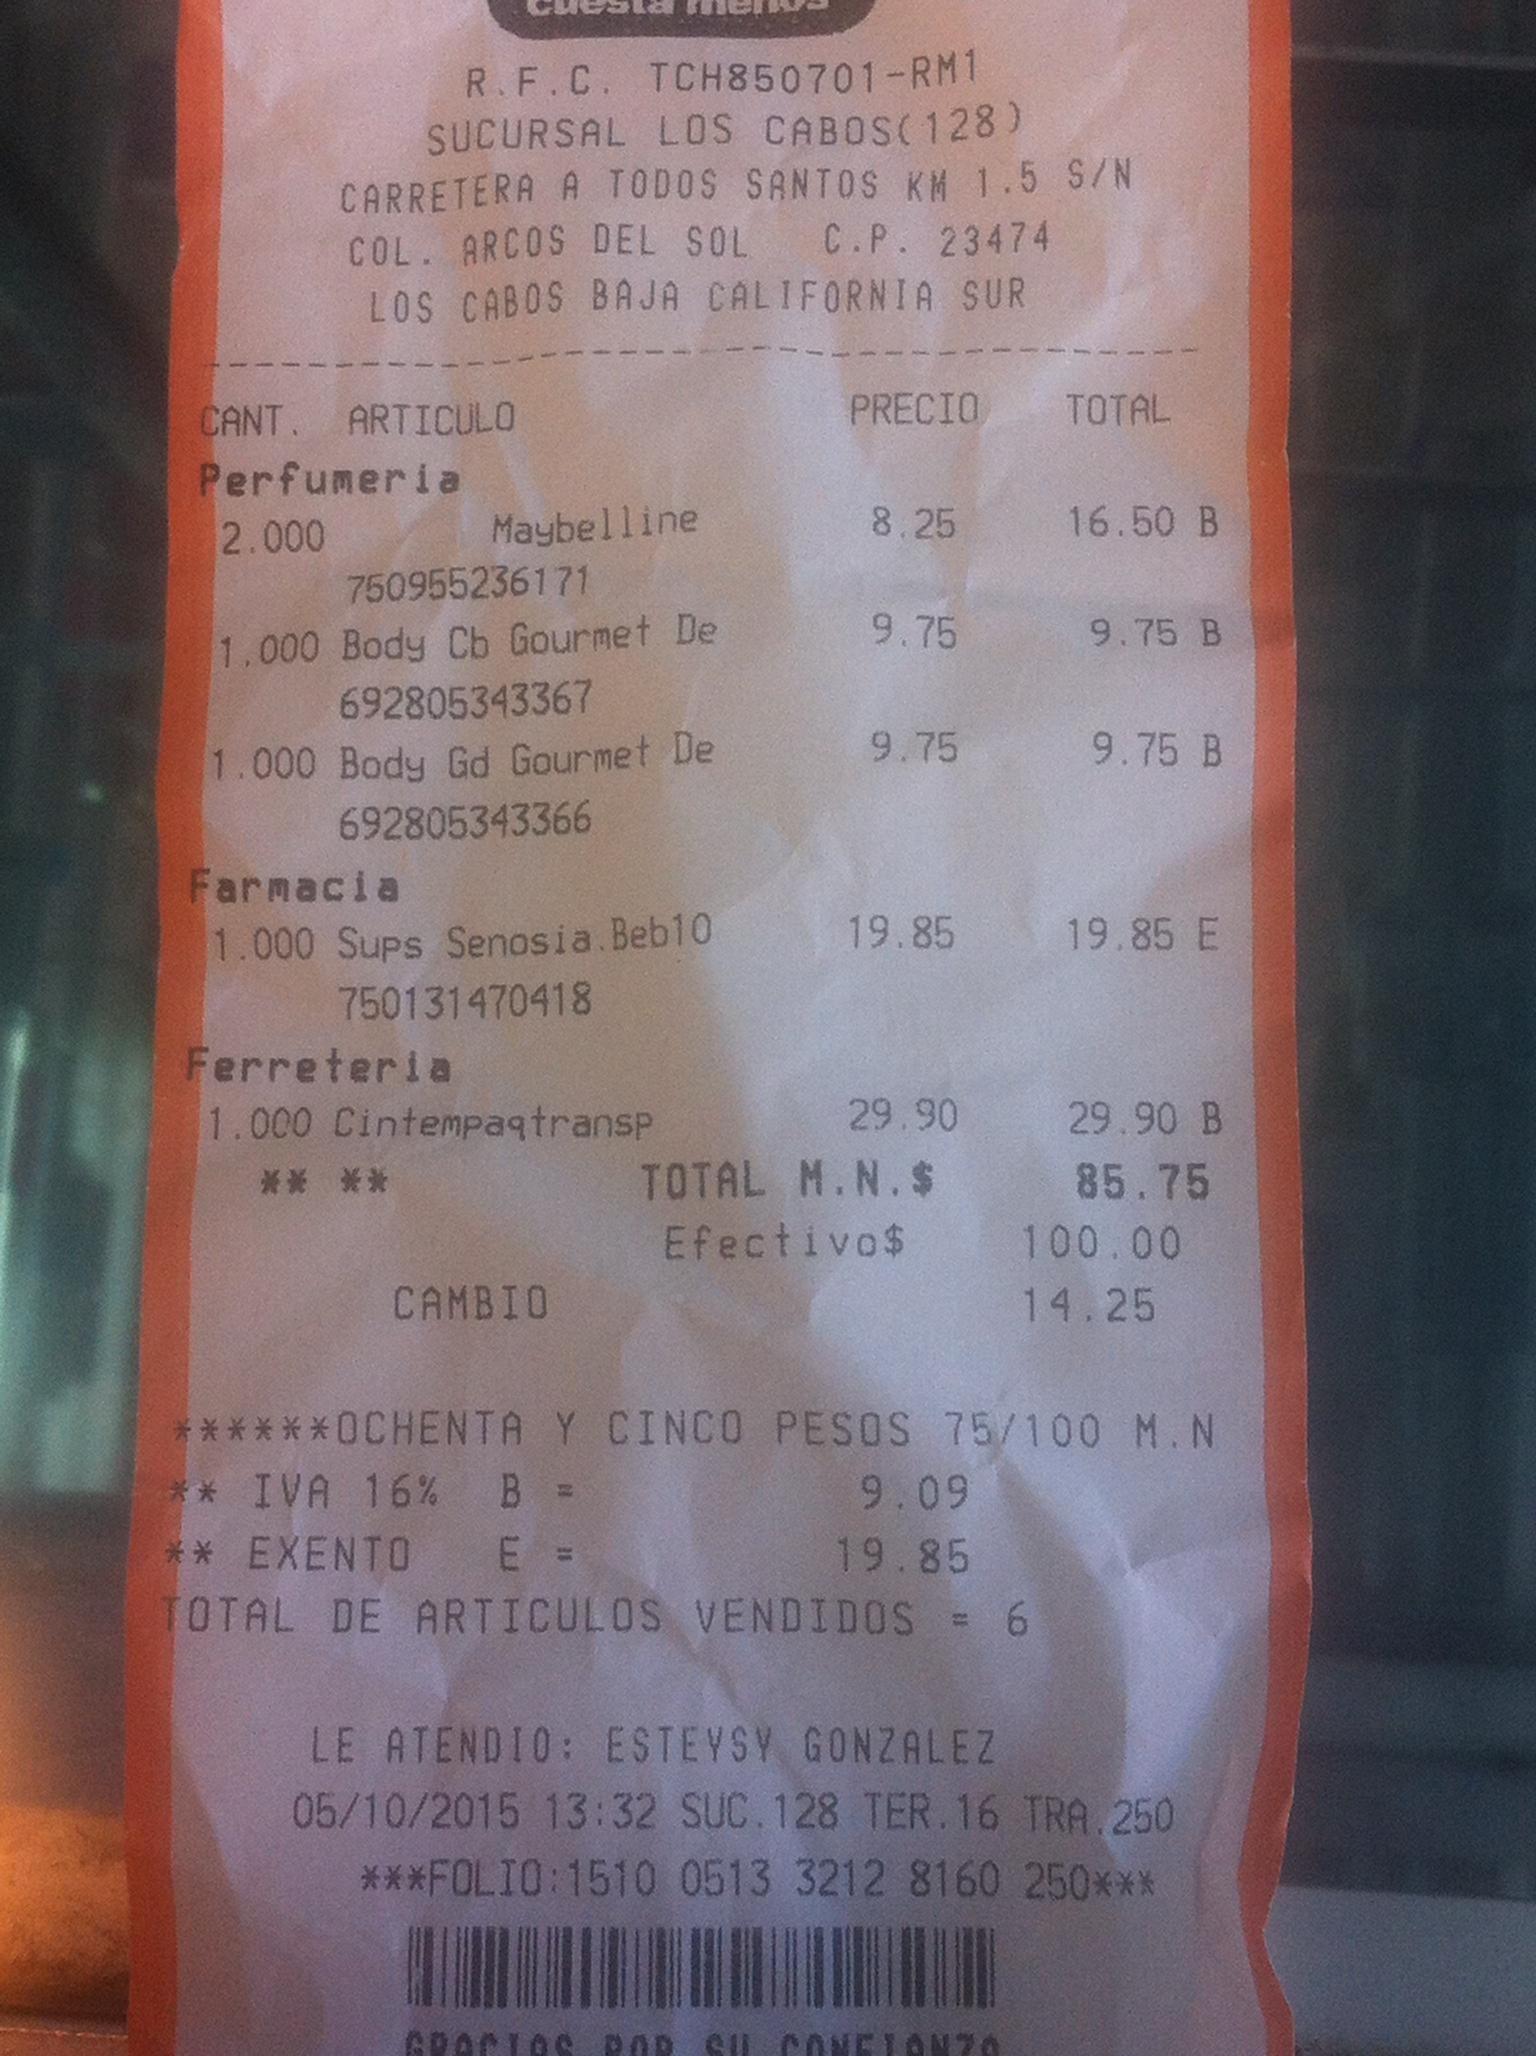 Chedraui: Corrector Maybelline Pure Makeup tono Deep $8.25 y jabón líquido de baño $9.75